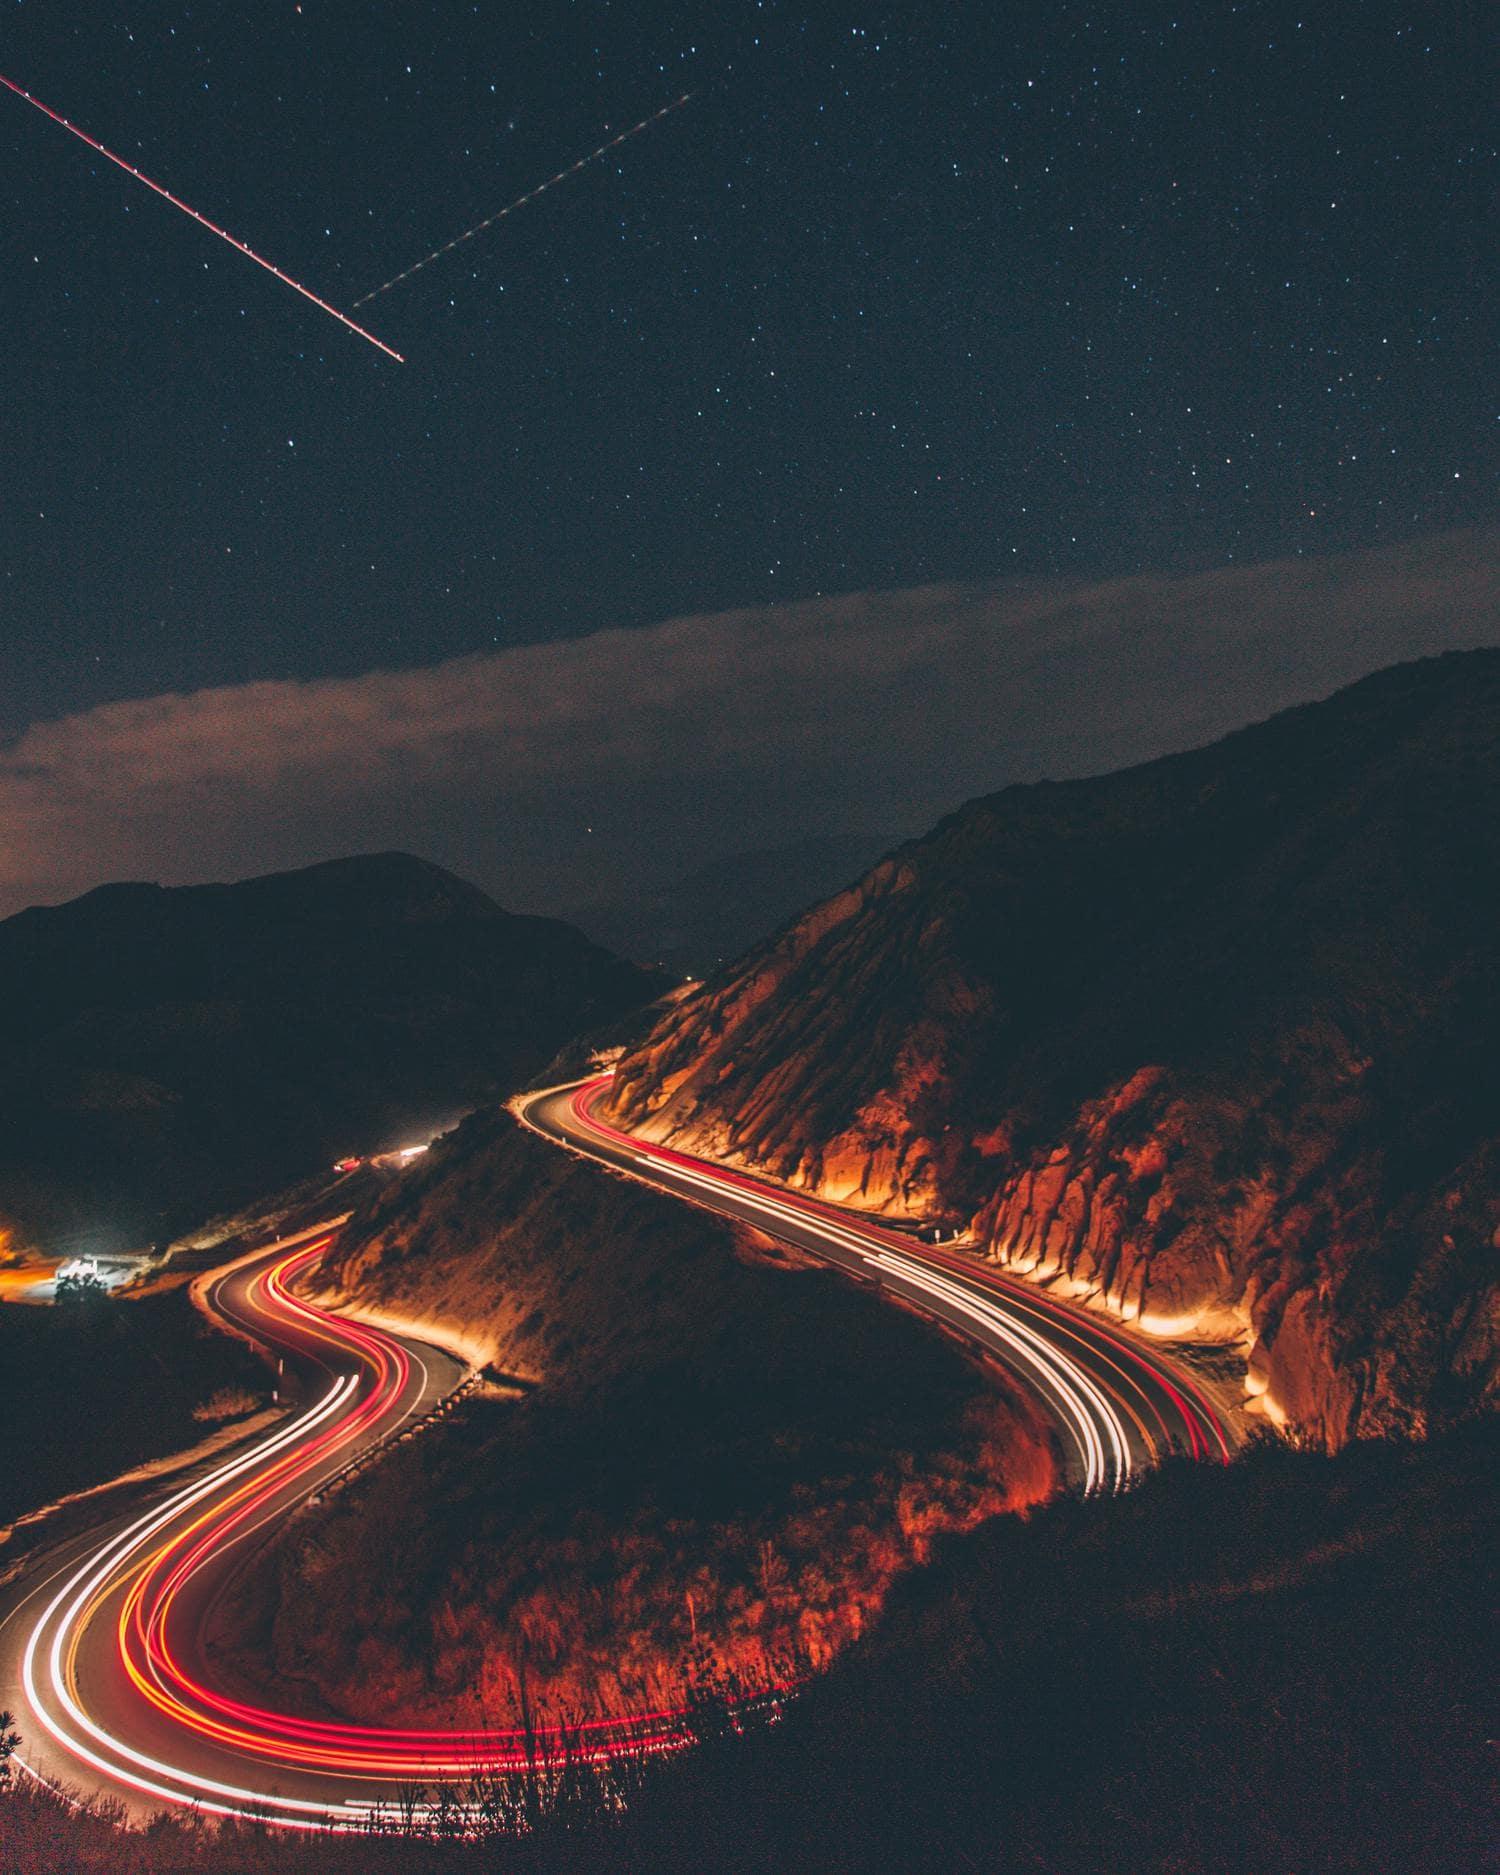 Estelas de luz de coches con estrellas de fondo en el cielo